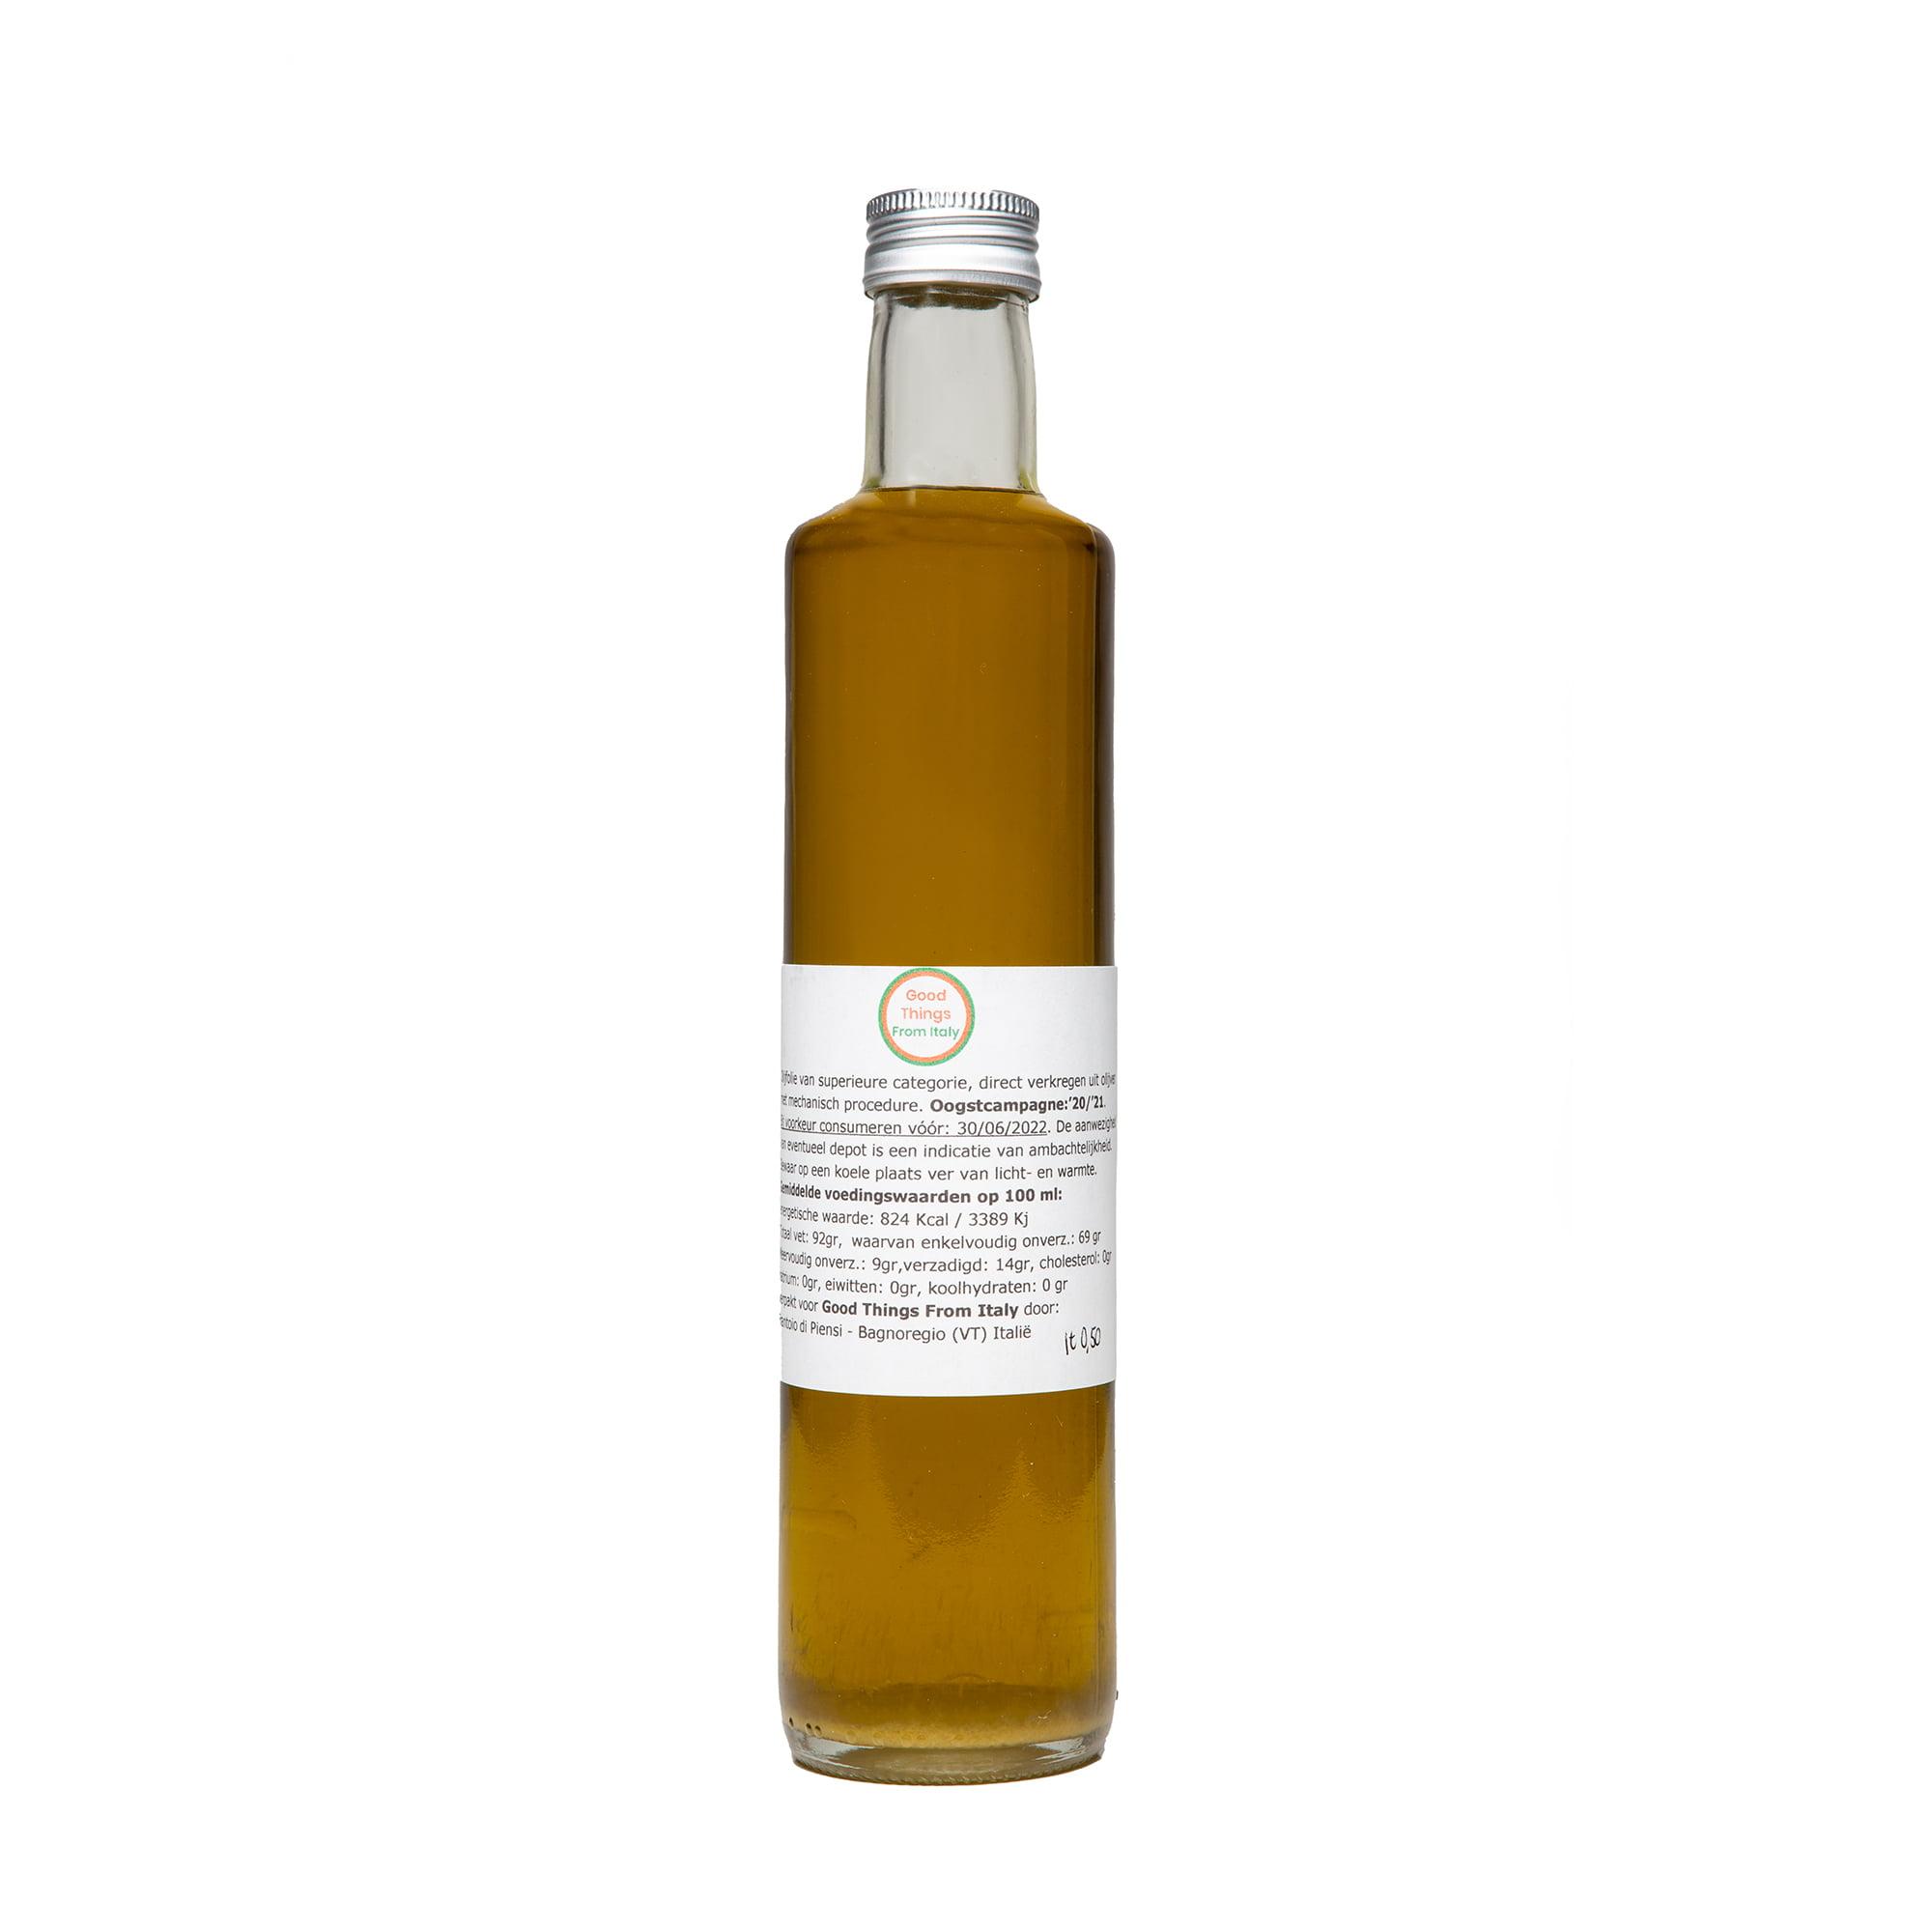 Olijfolie van Bagnoregio G.T.F.I. lt. 0,50